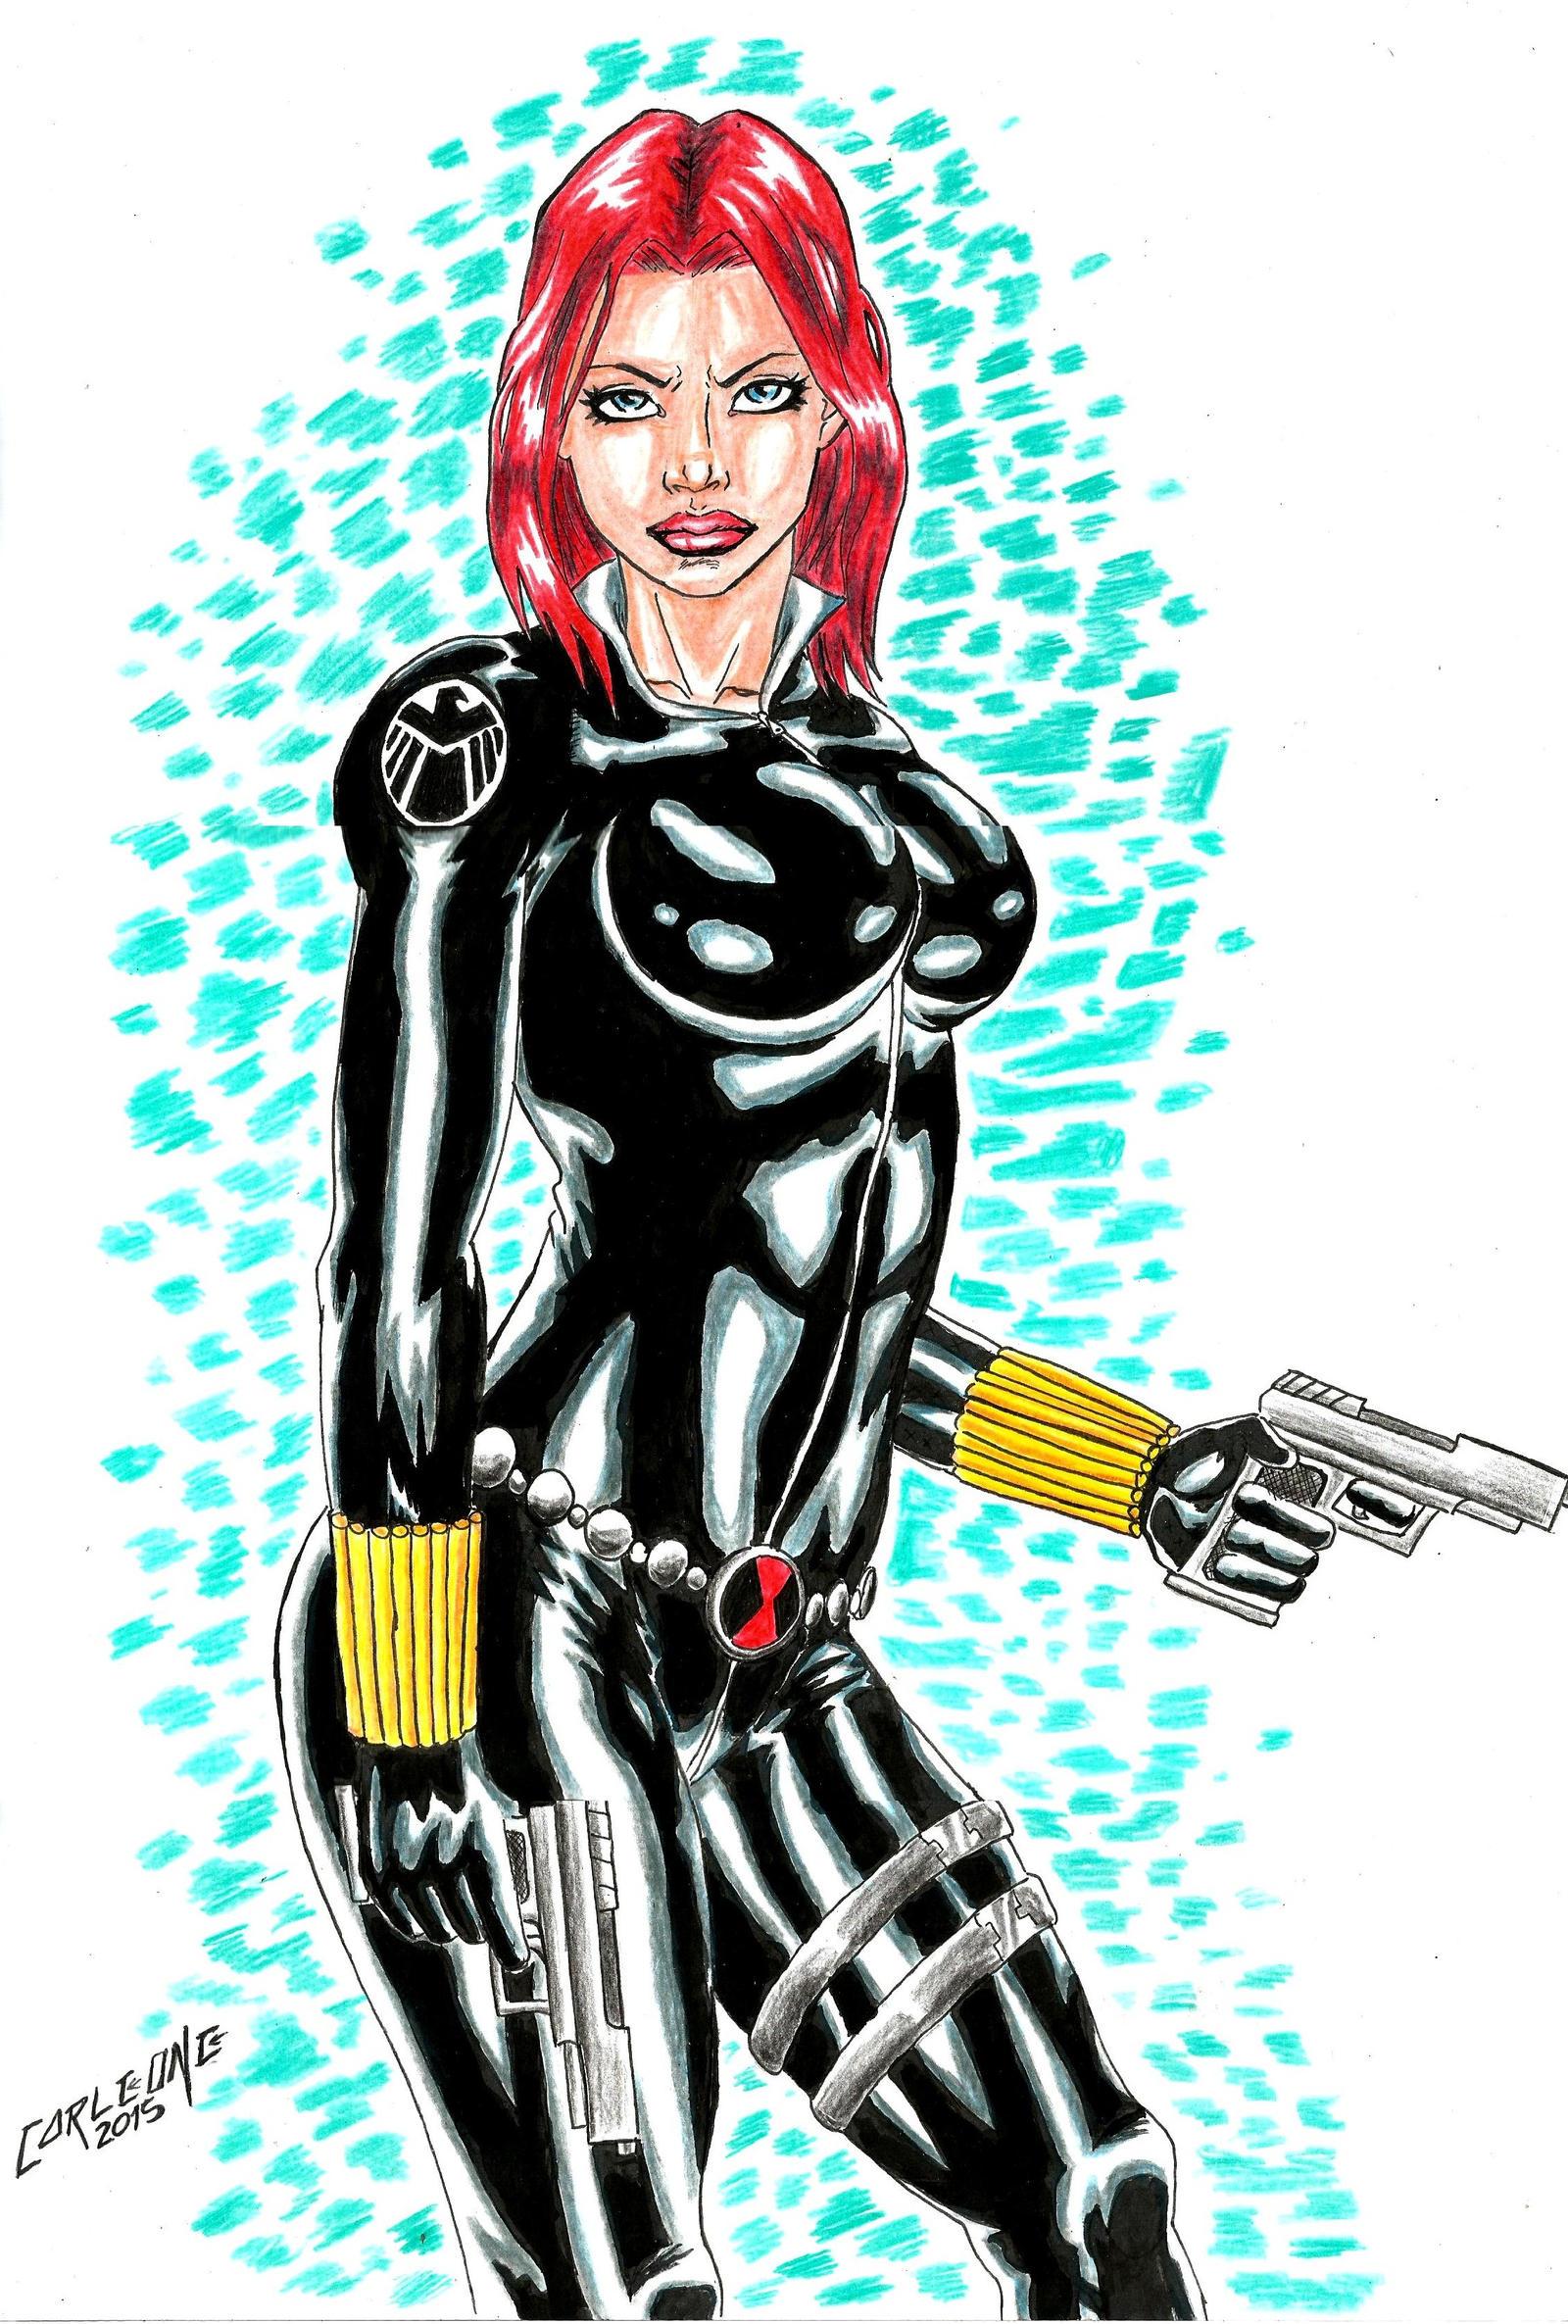 Black Widow by Carleonecardoso